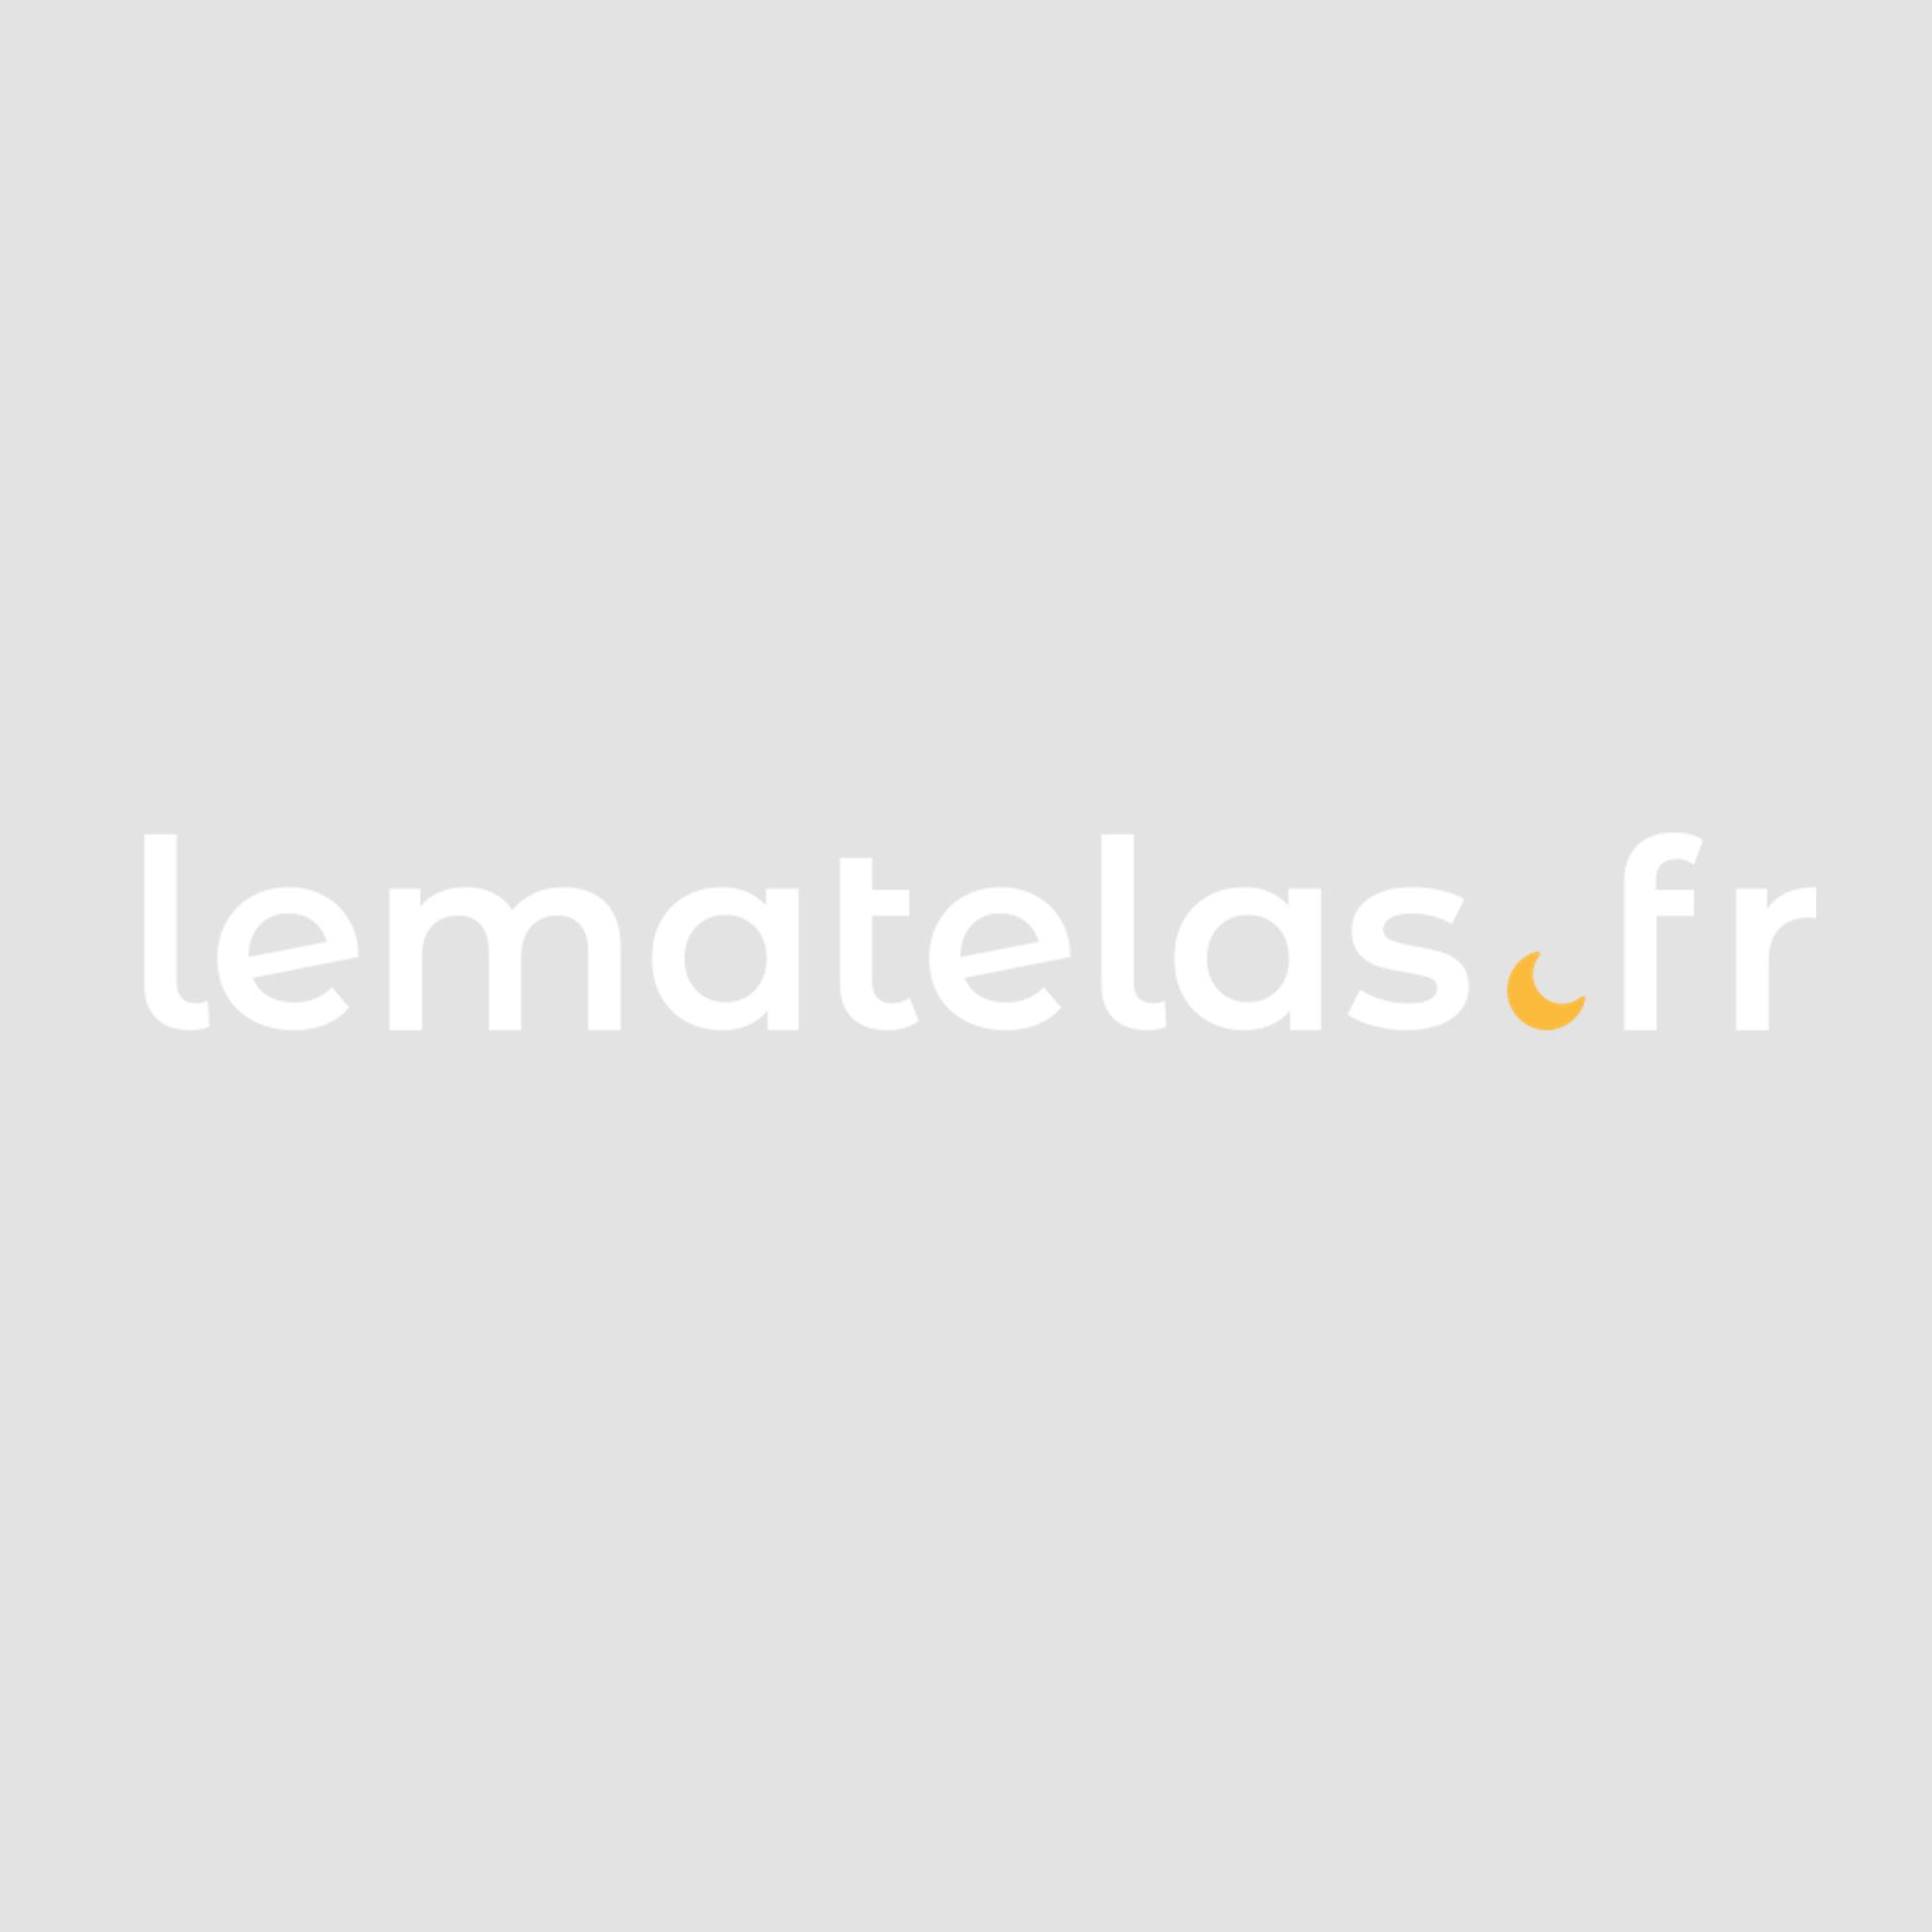 Bureau en bois imitation chêne clair à tréteaux métalliques - BU0006